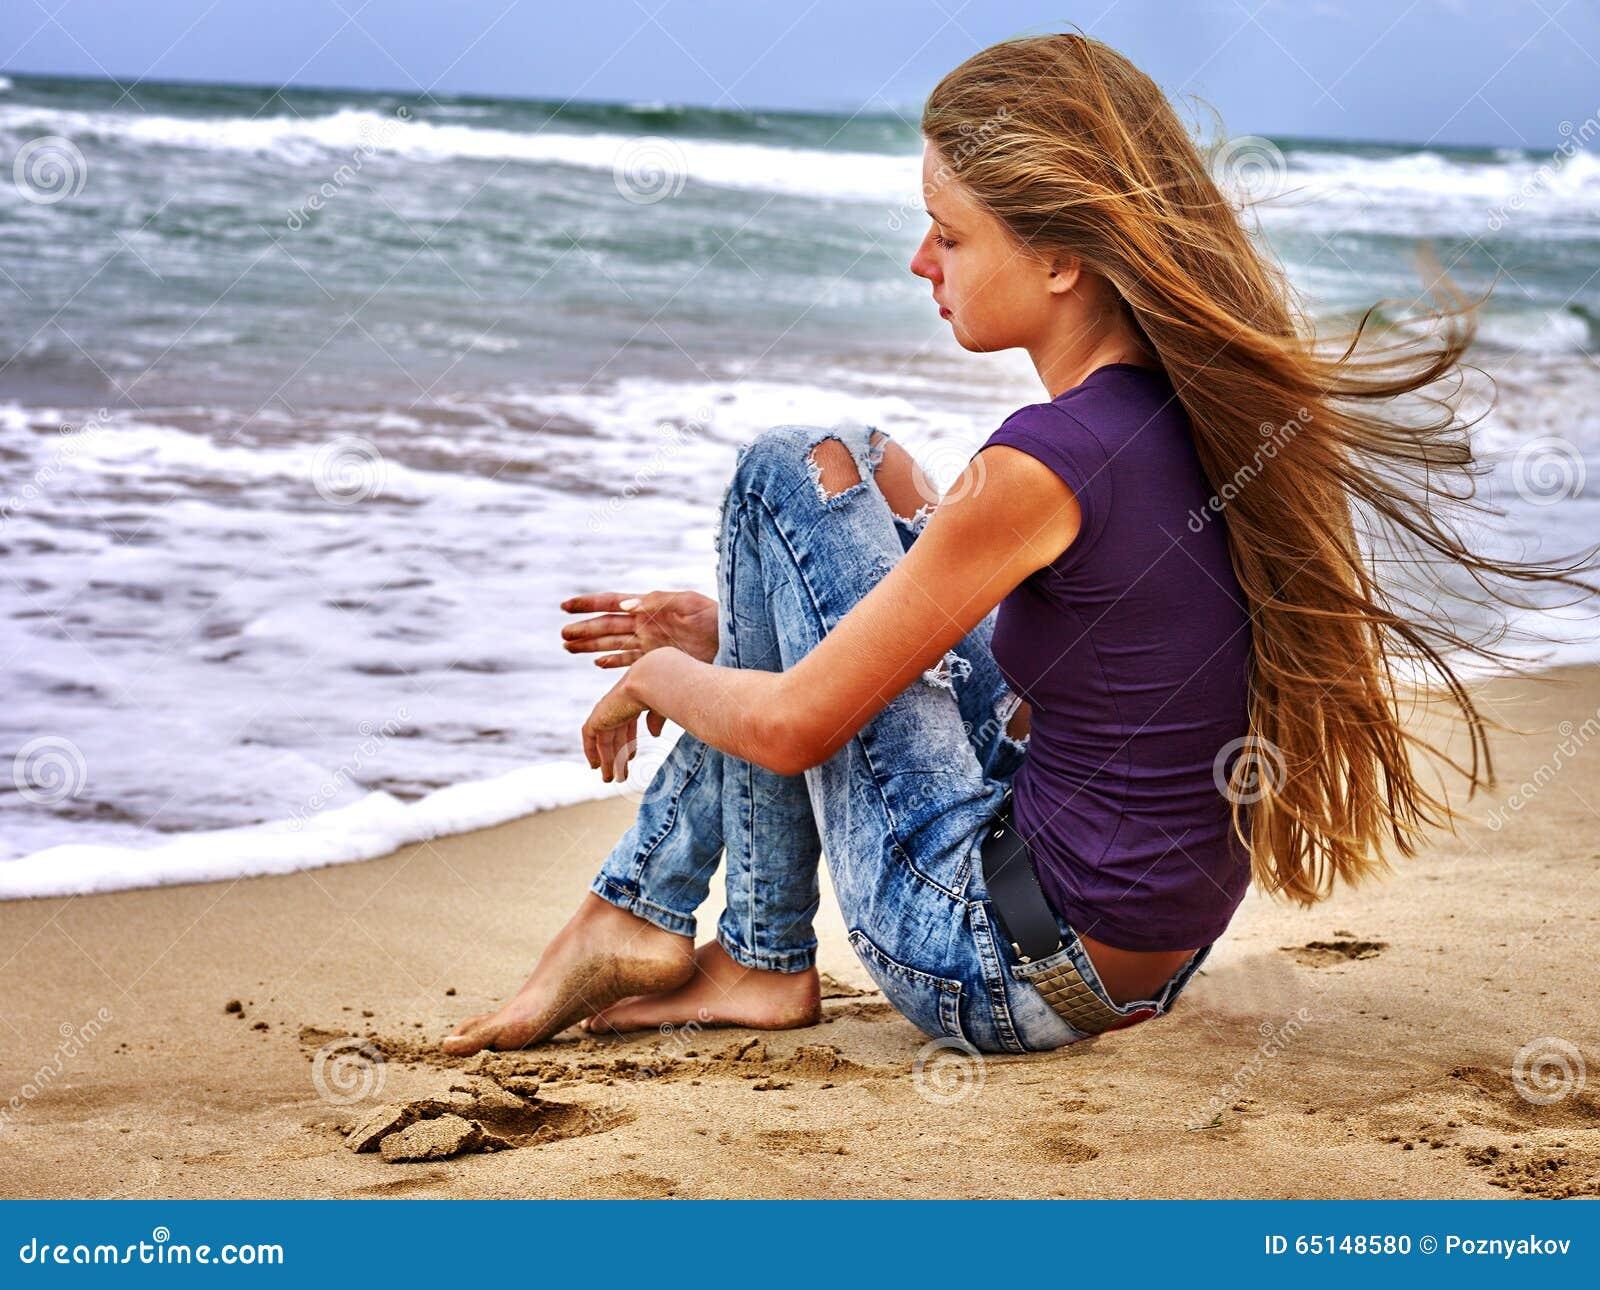 Frau sucht mann für einen sommer